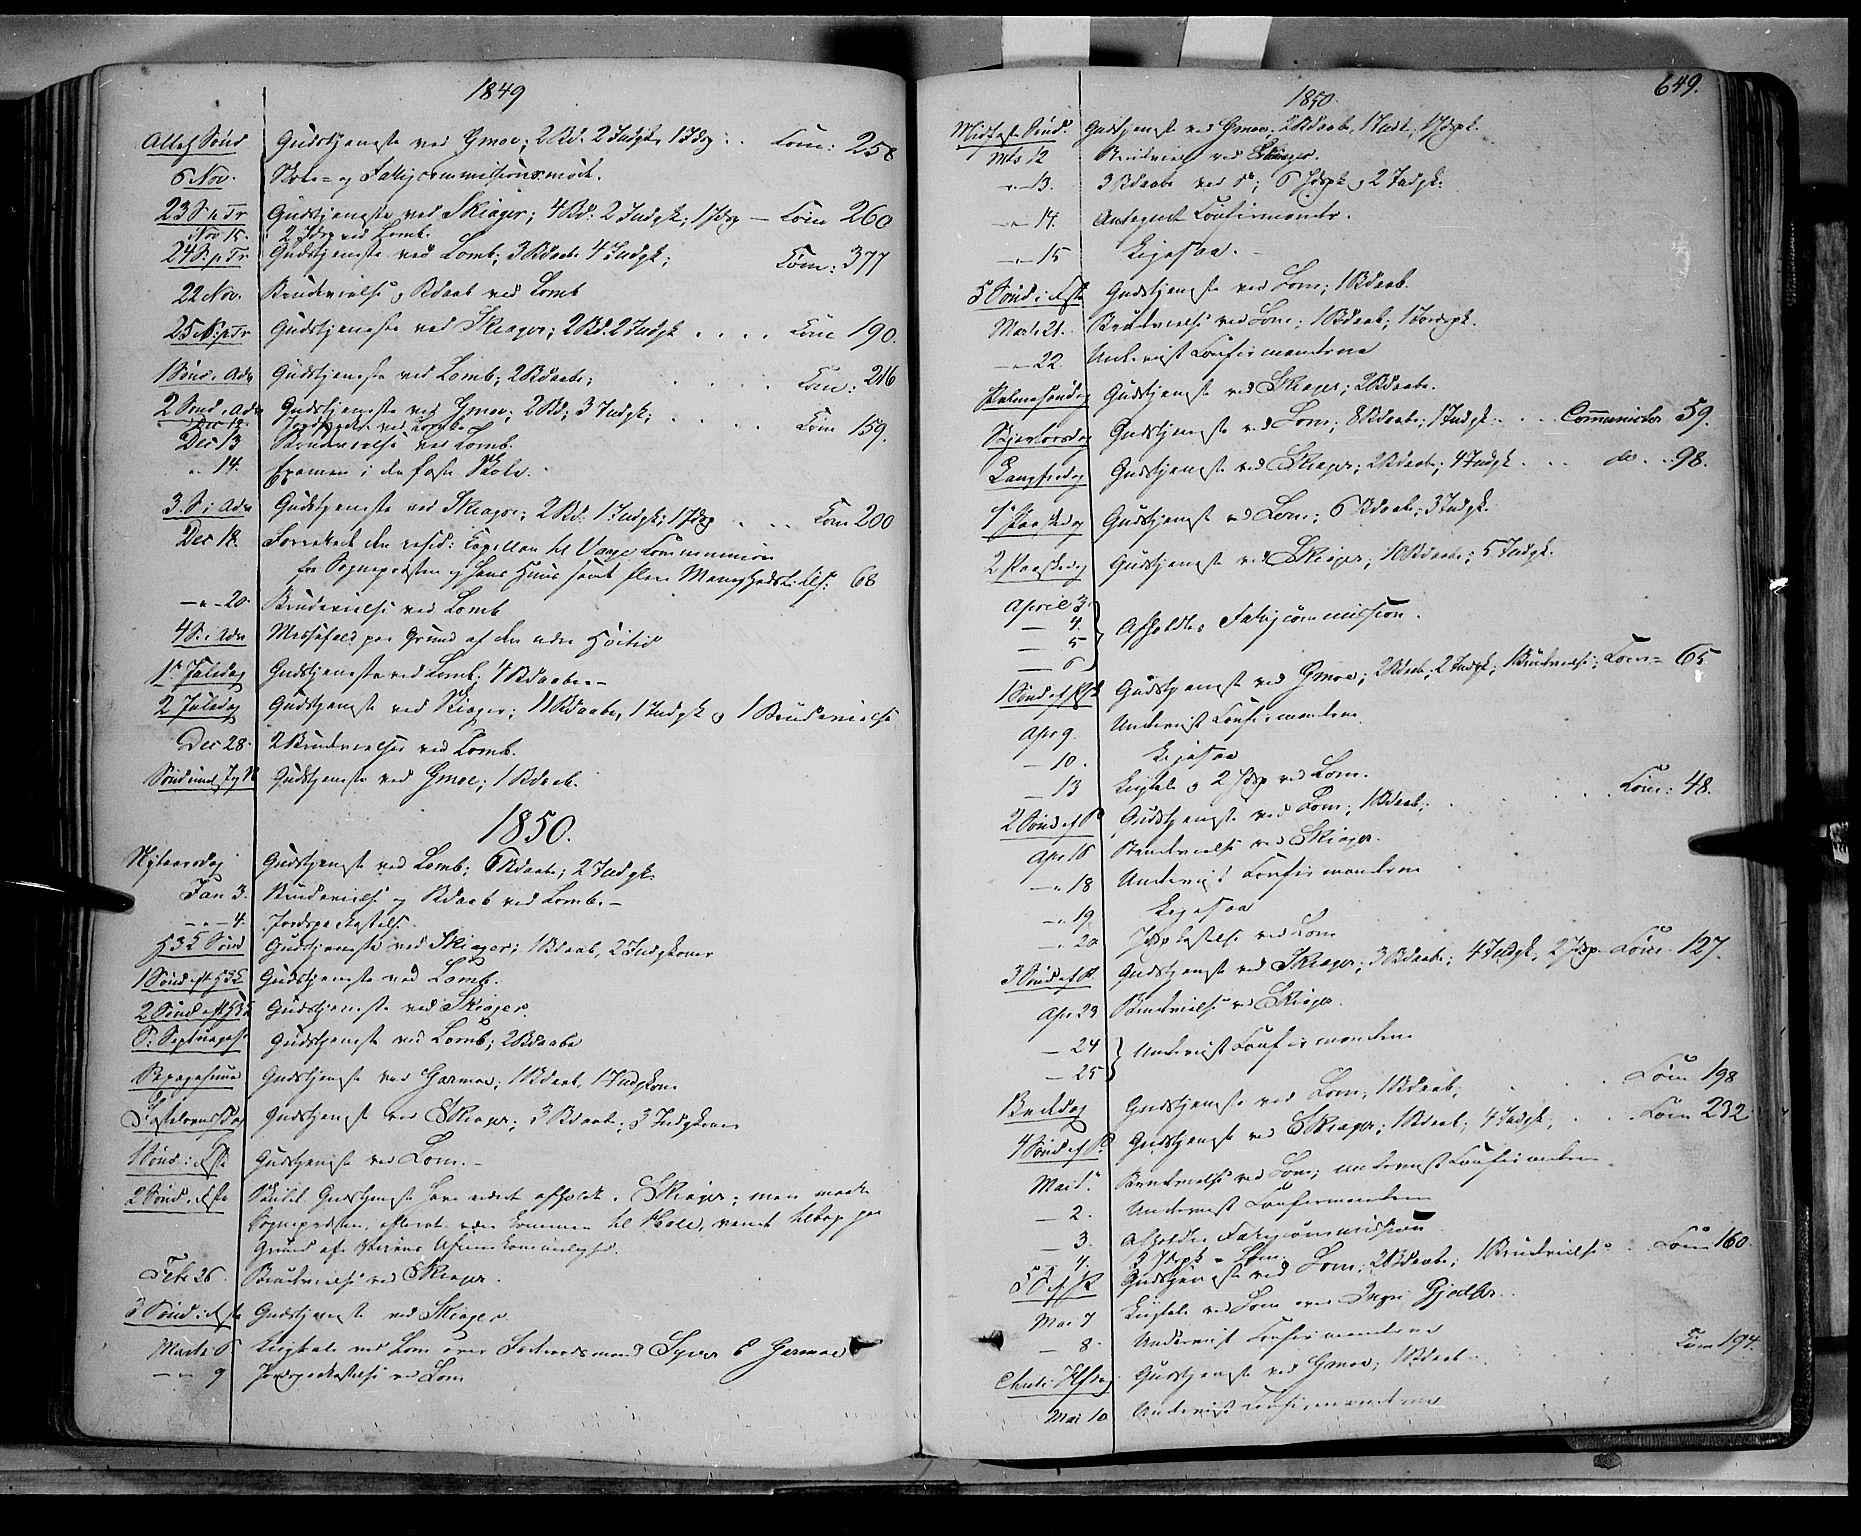 SAH, Lom prestekontor, K/L0006: Ministerialbok nr. 6B, 1837-1863, s. 649